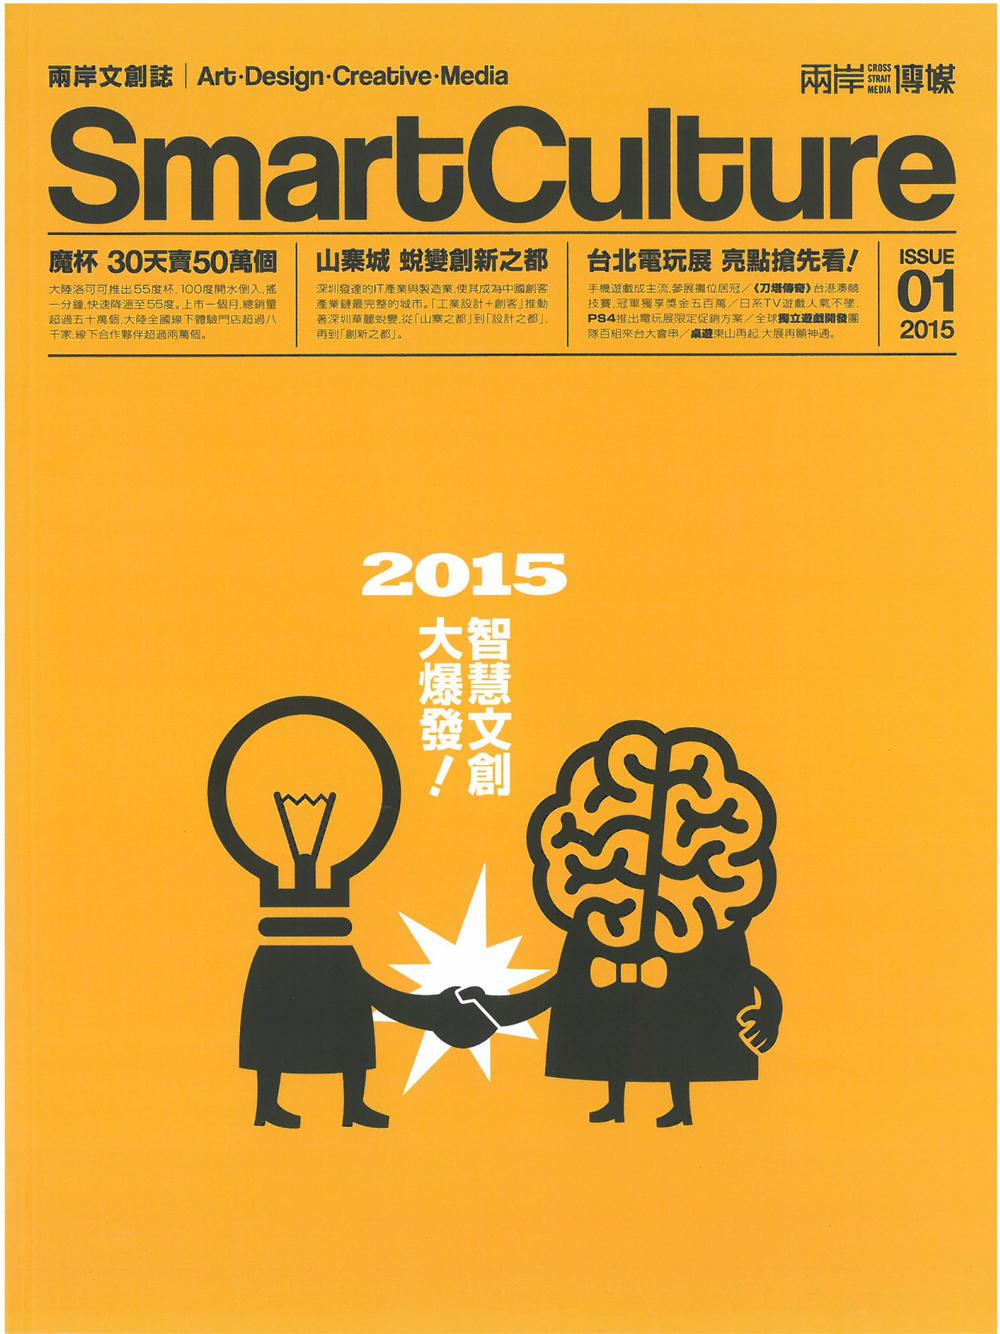 謝榮雅大戰略 設計改變台灣_兩岸文創誌SmartCulture_2015年1月號.jpg